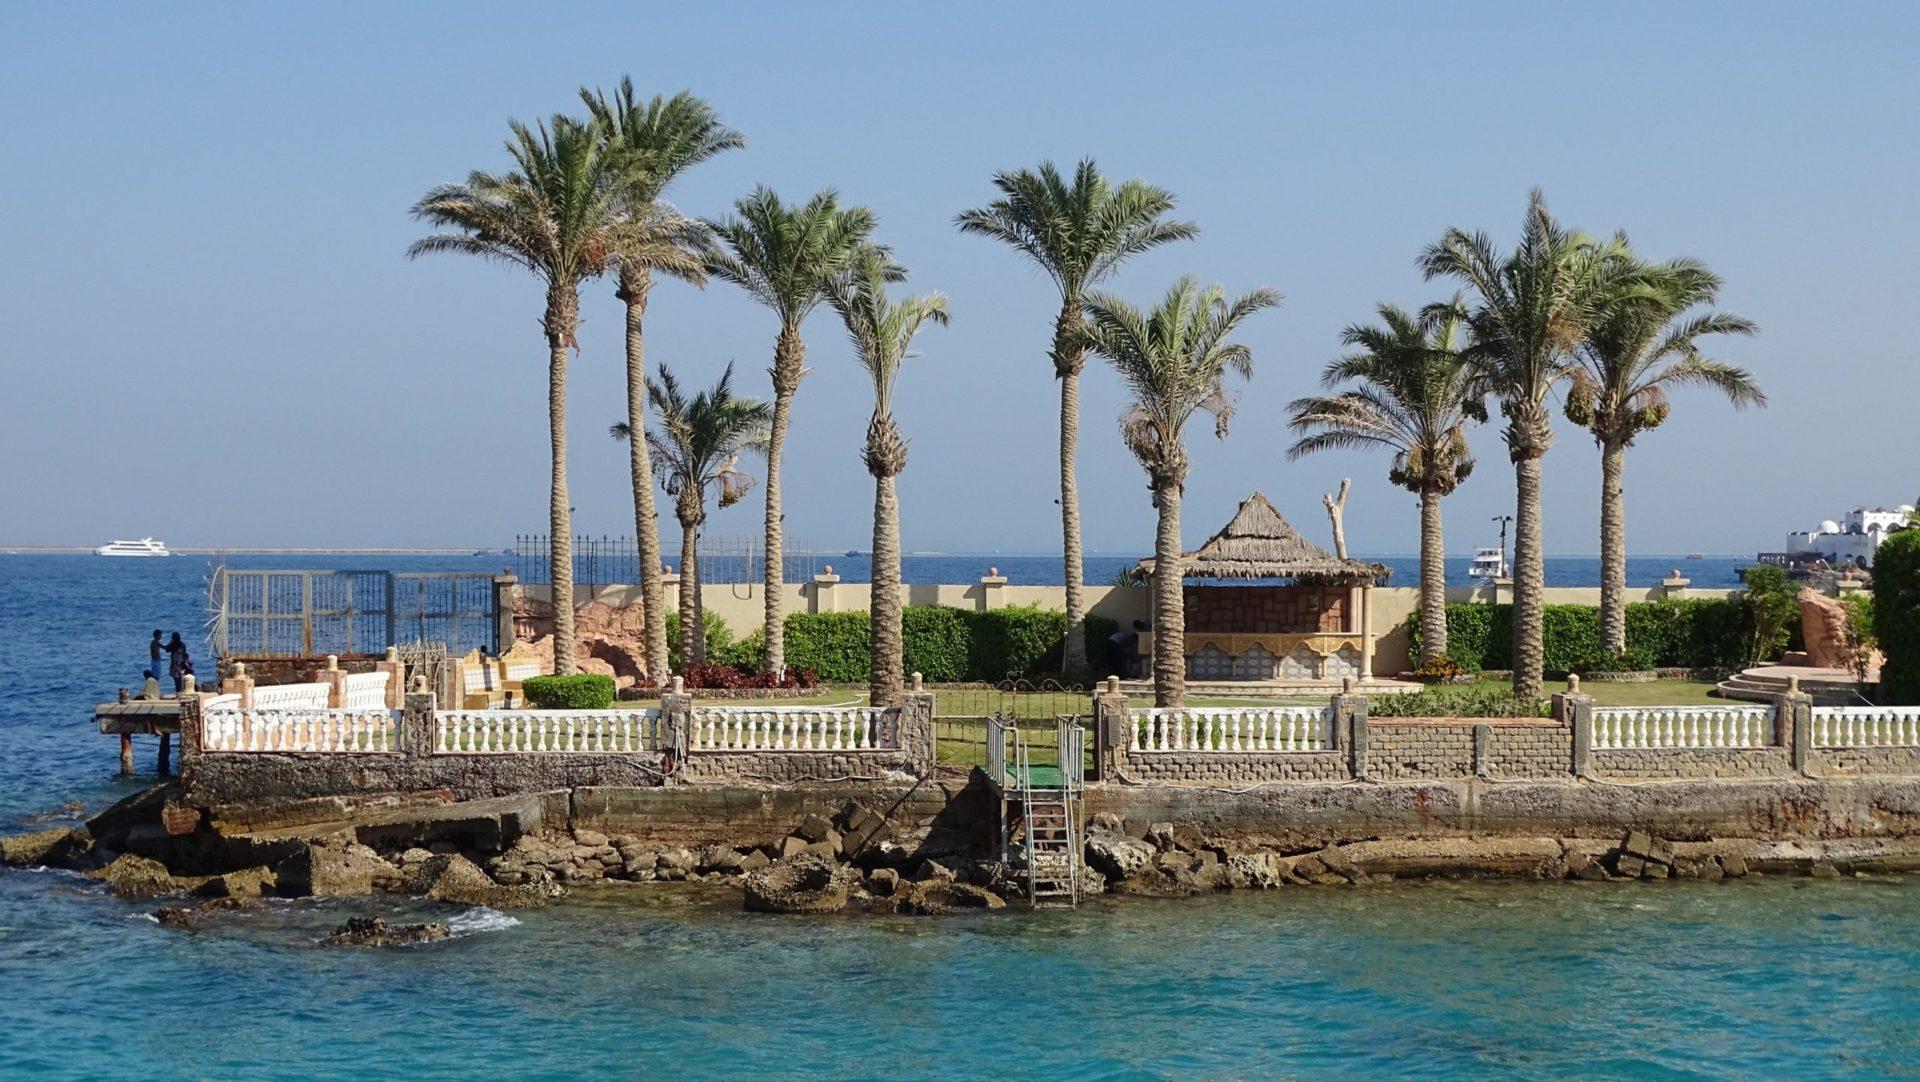 Wassertemperatur Ägypten: Palmen am Strand mit Korallenriff bei Hurghada